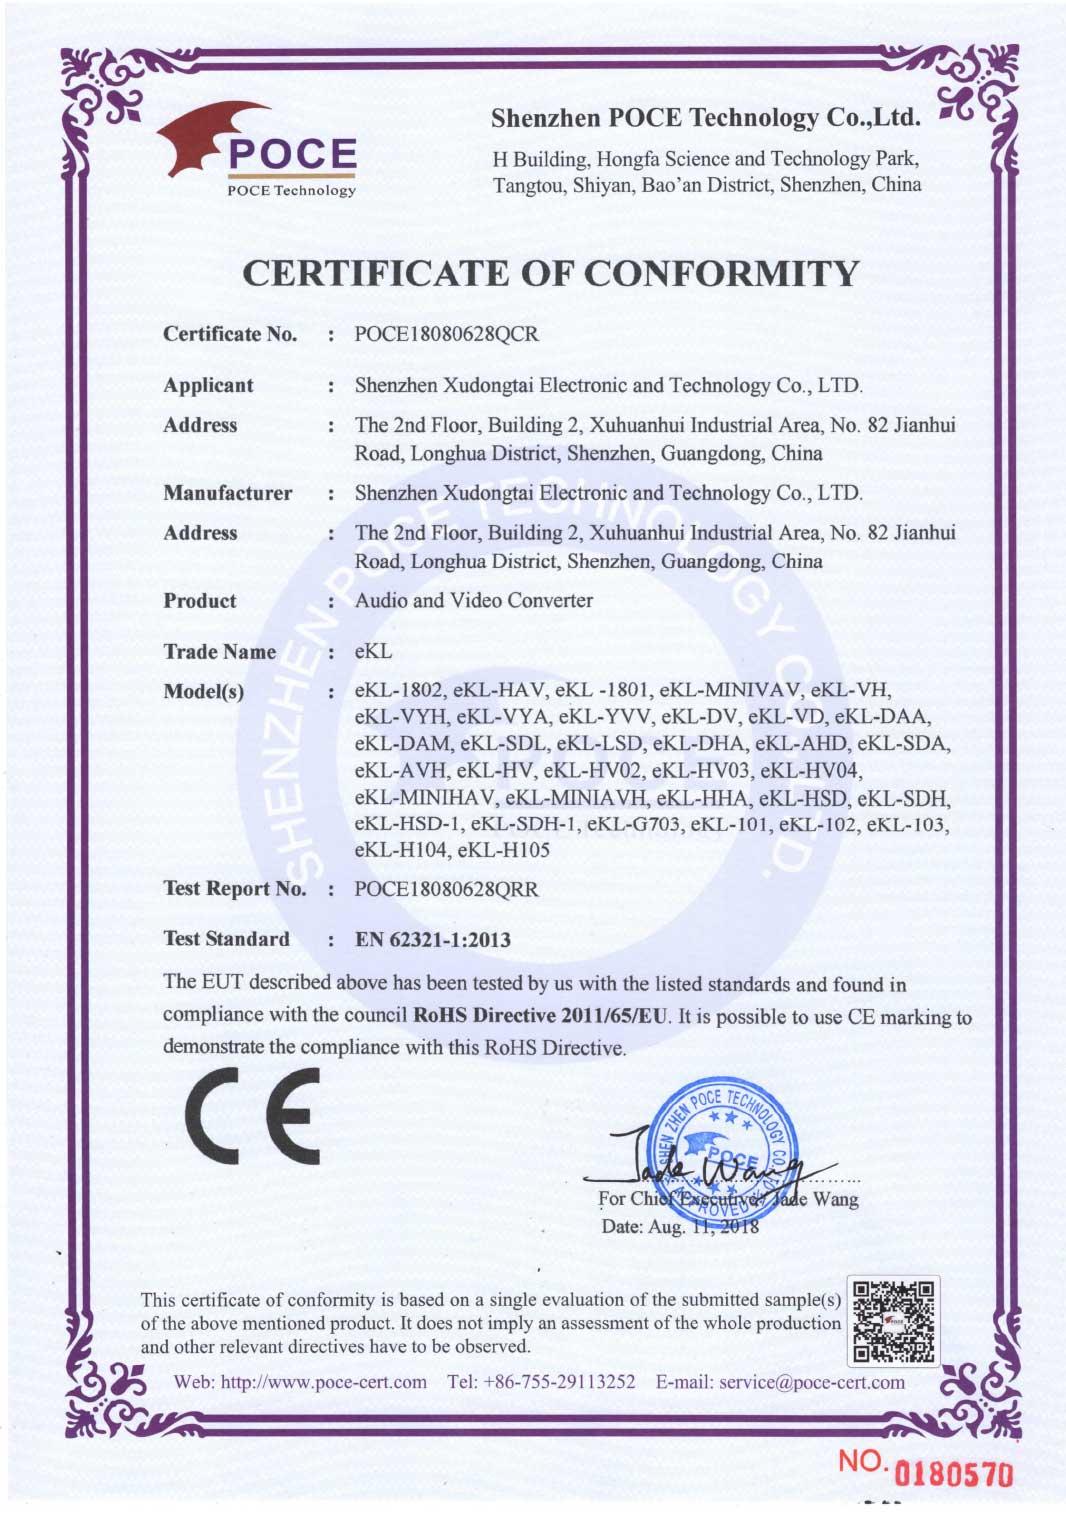 https://image.eklhd.com/upload/Certificate/Converter/Converter_RoHS.jpg